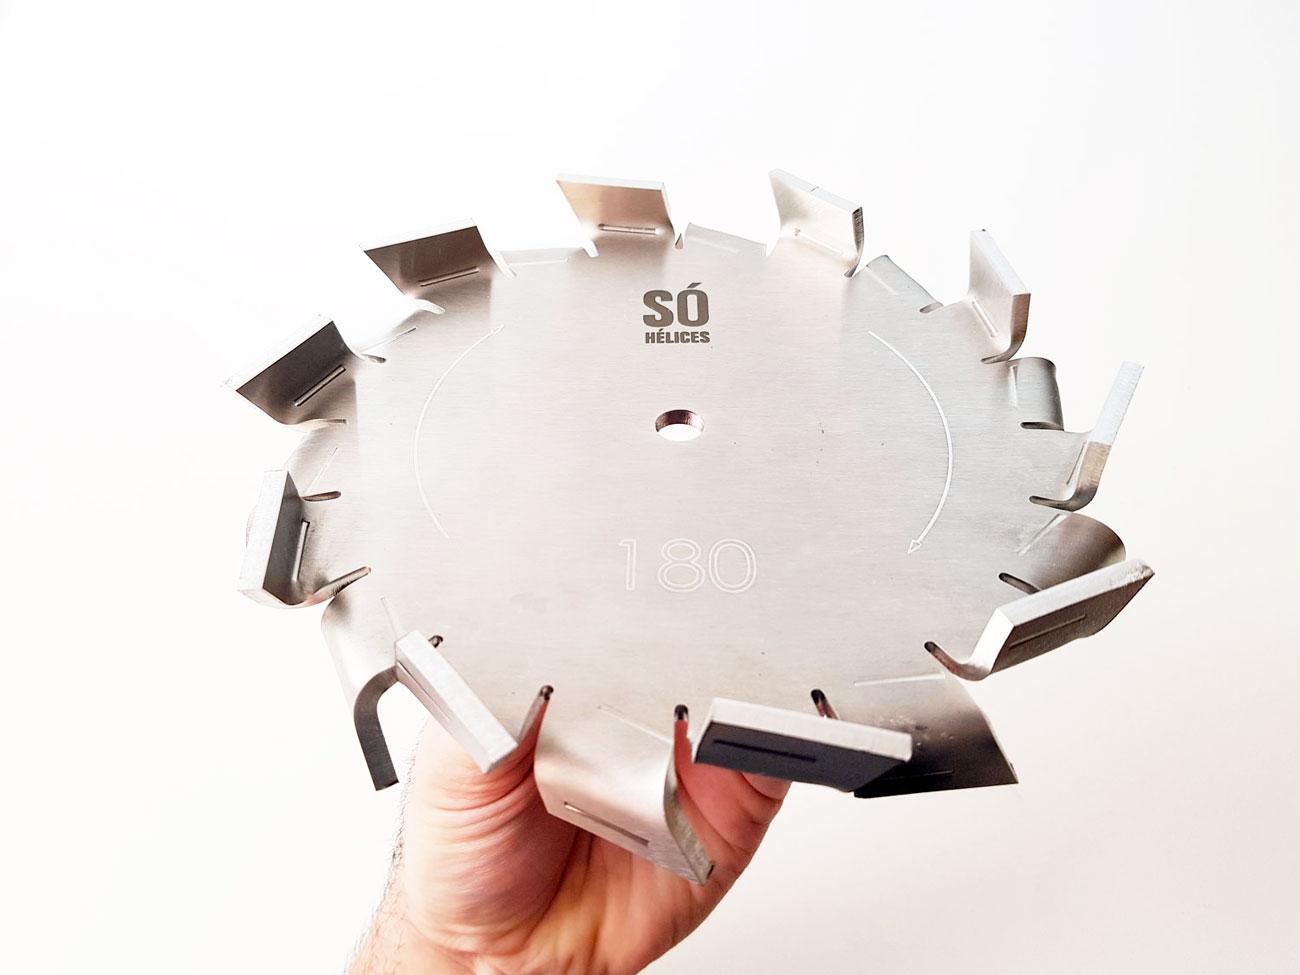 Disco dispersor para fabricação de tintas